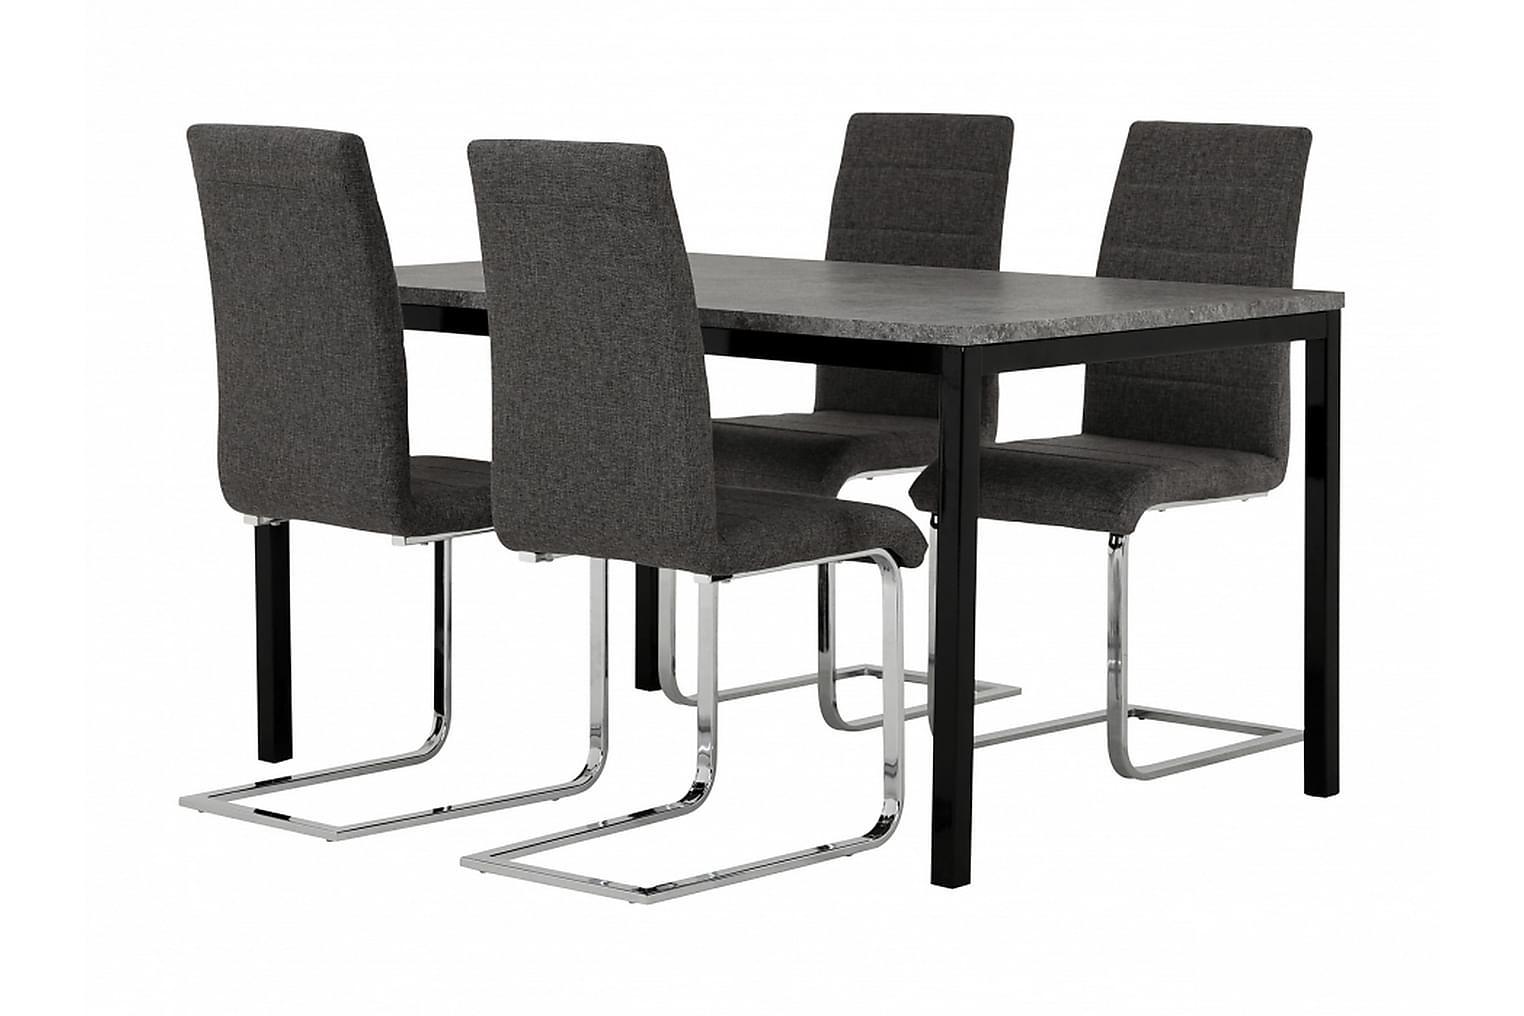 MITA Pöytä 140 Betoni/Musta + 4 EMÅN Tuolia Harmaa